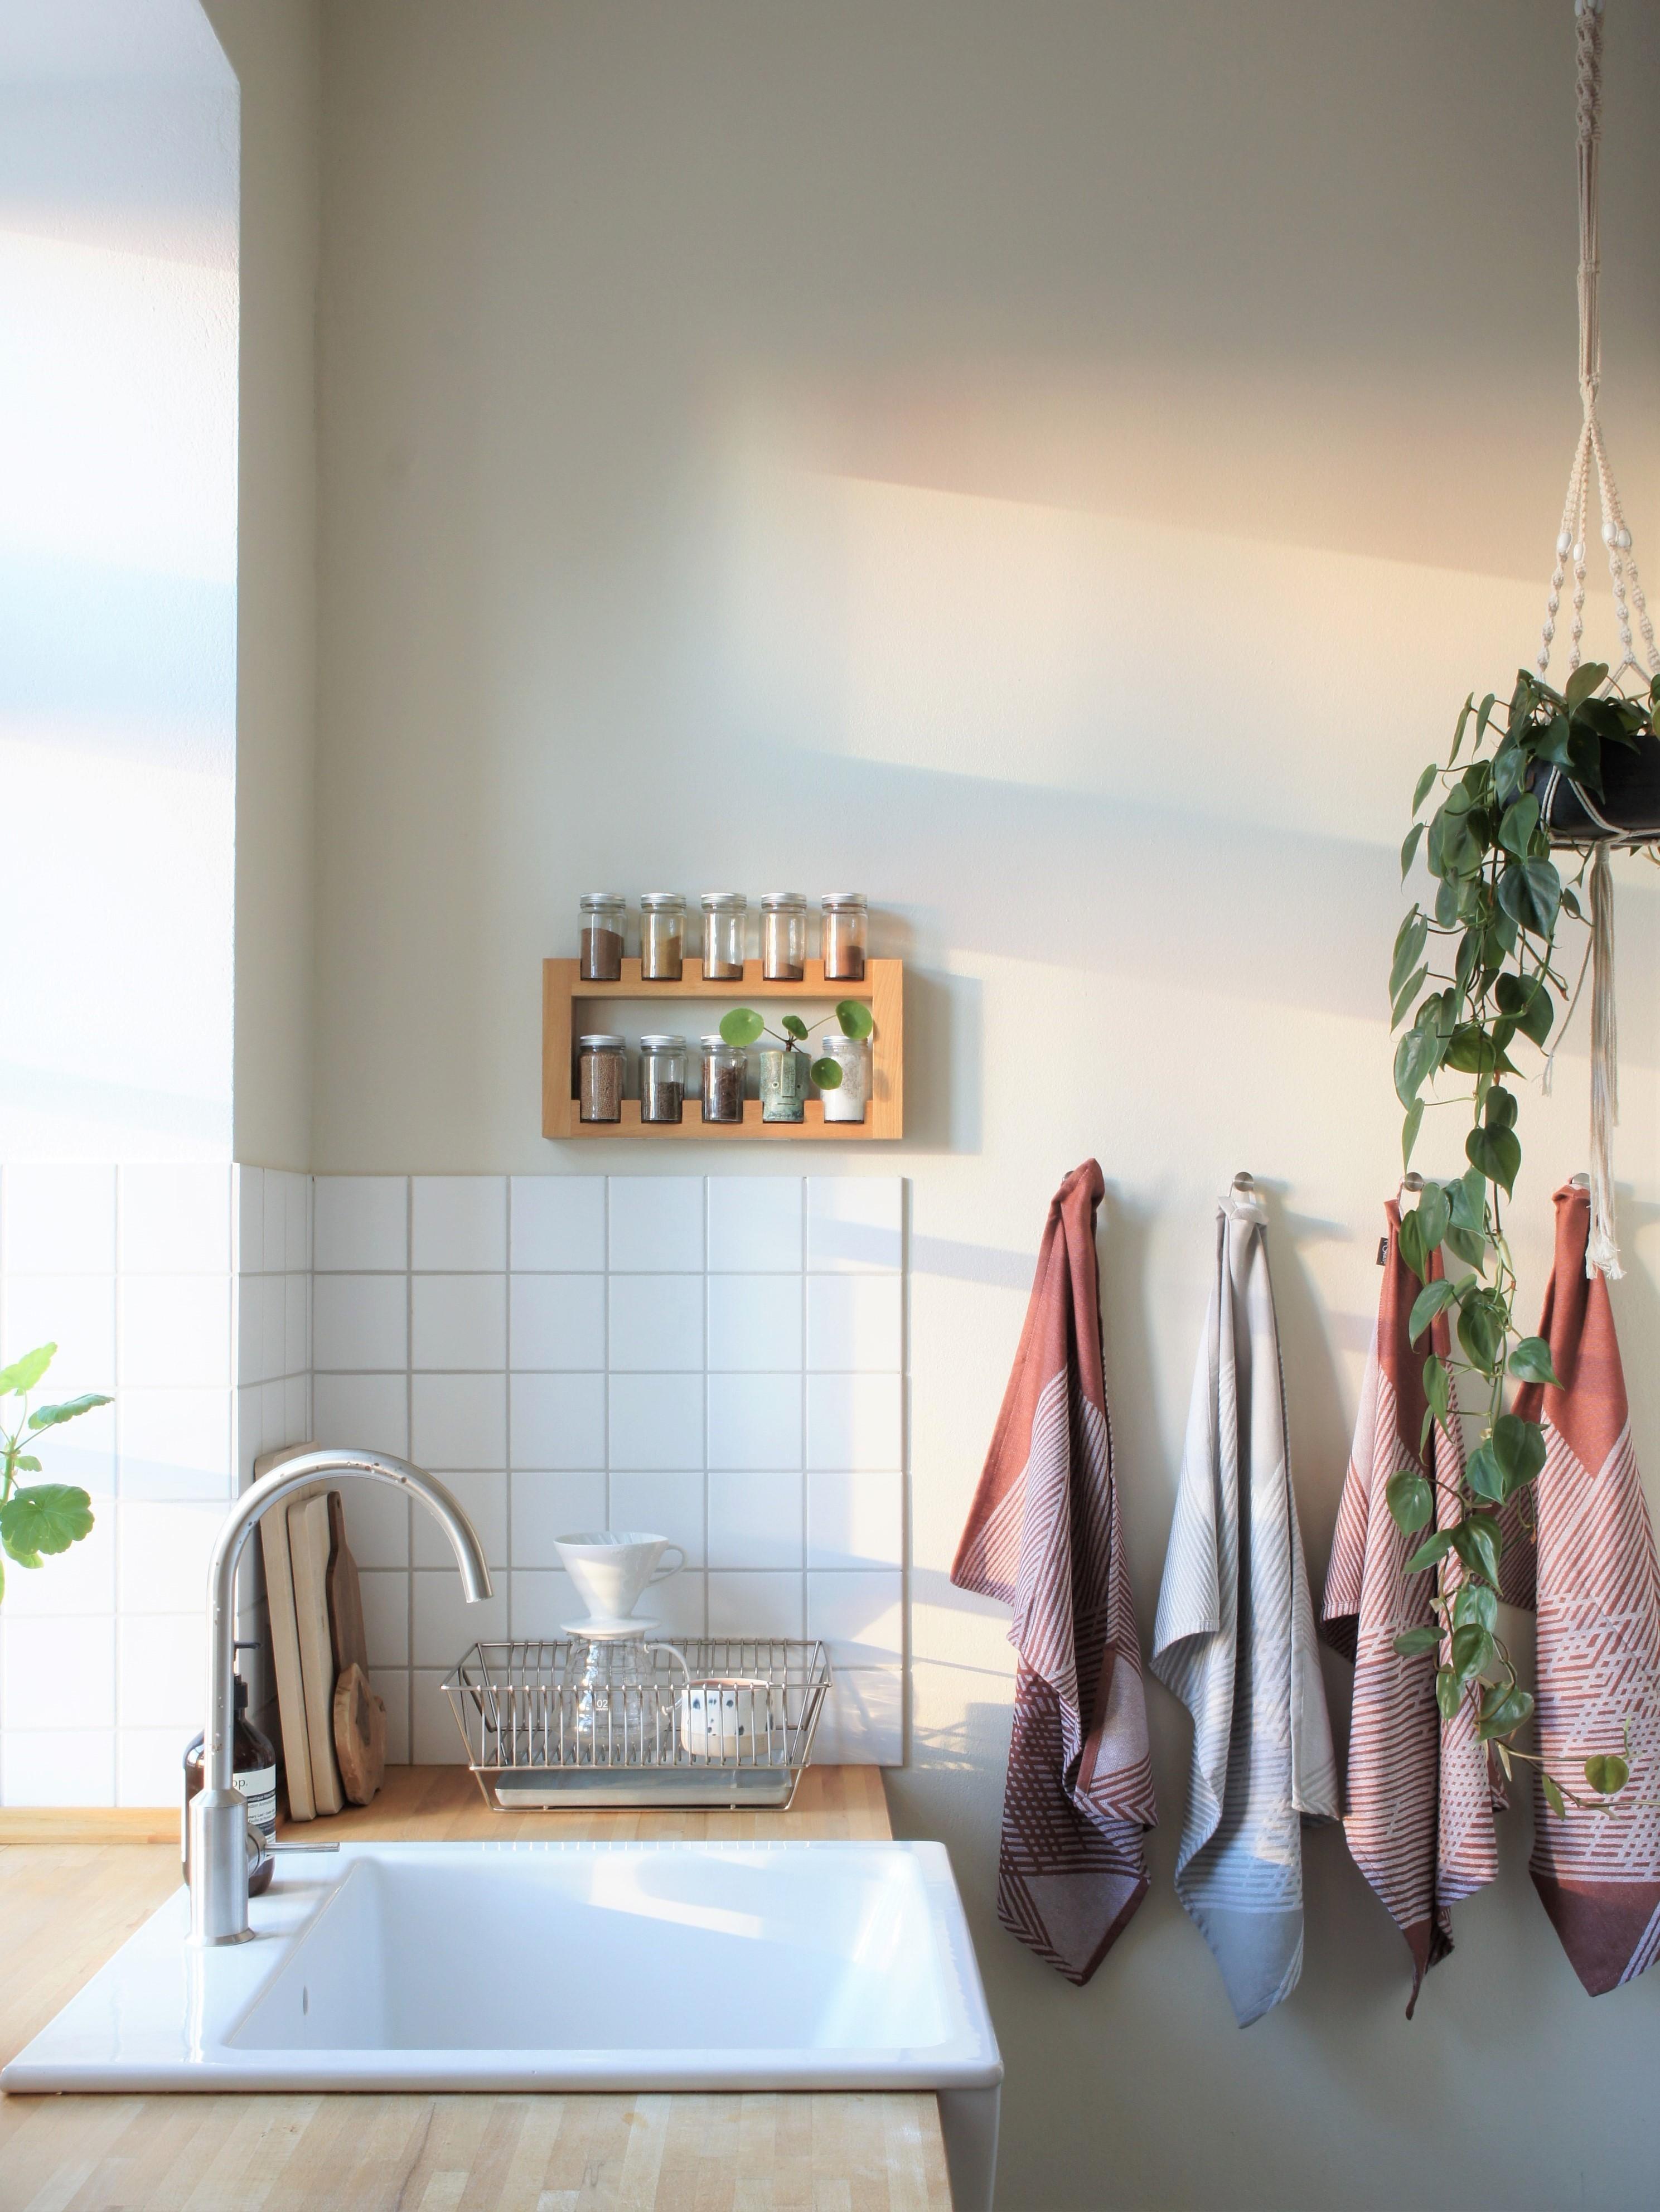 Küchenfliesen: Sammle Ideen bei COUCH!